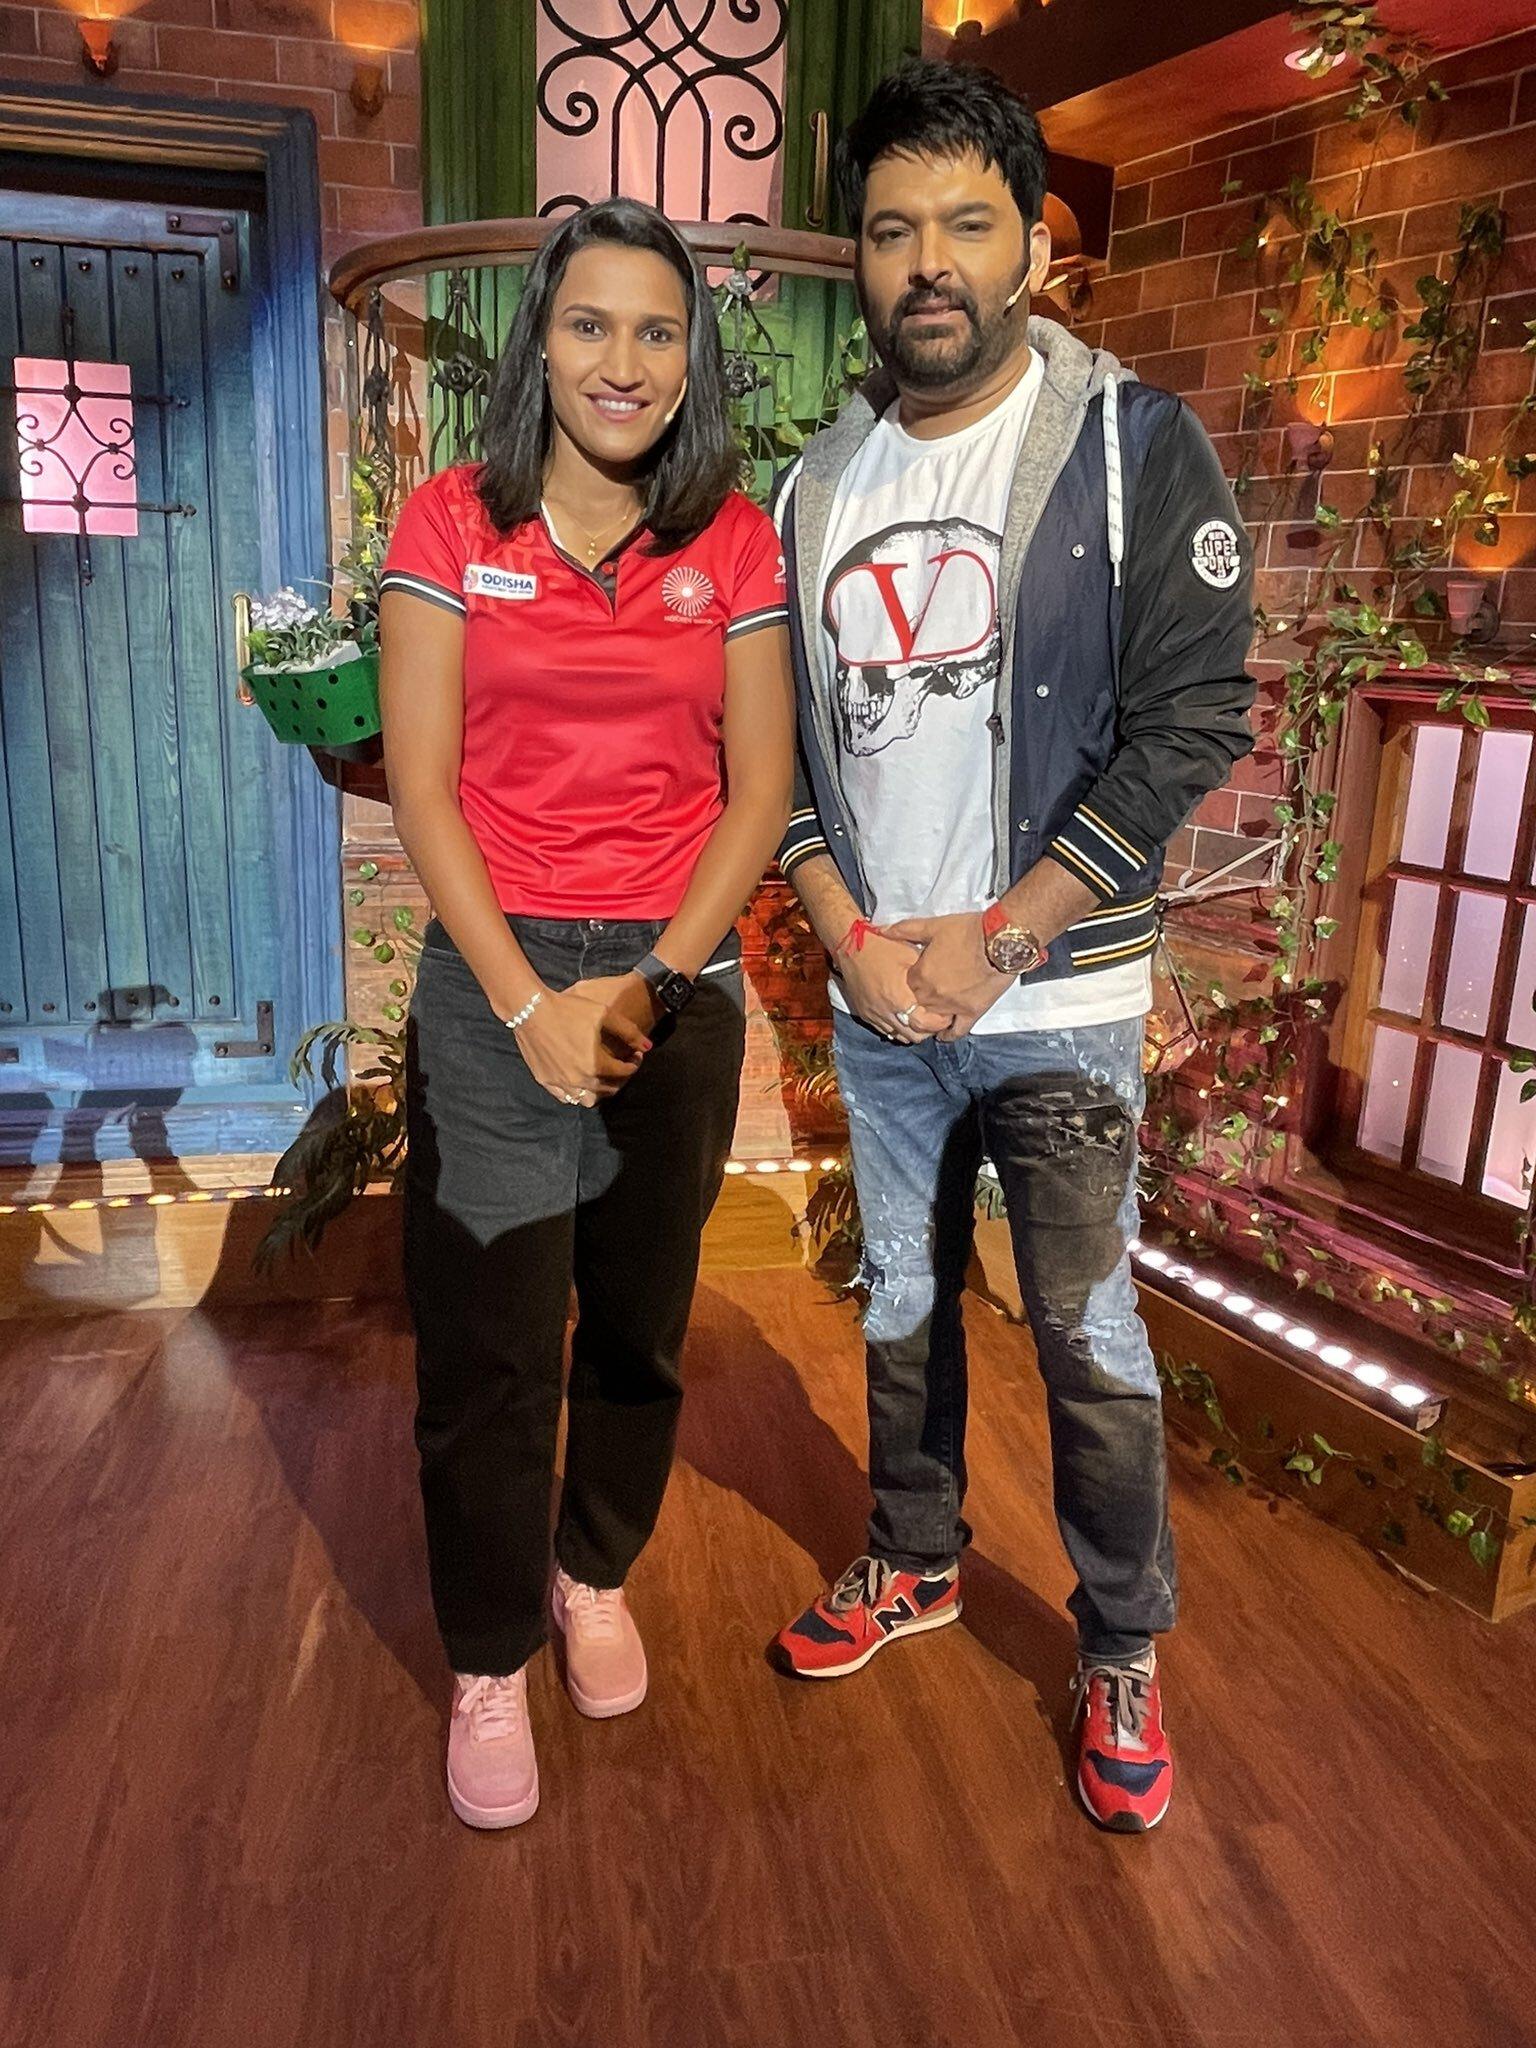 The Kapil Sharma Show: कपिल के शो में पहुंचे  रानी रामपाल और मनप्रीत सिंह, मचा धमाल, देखें Pics